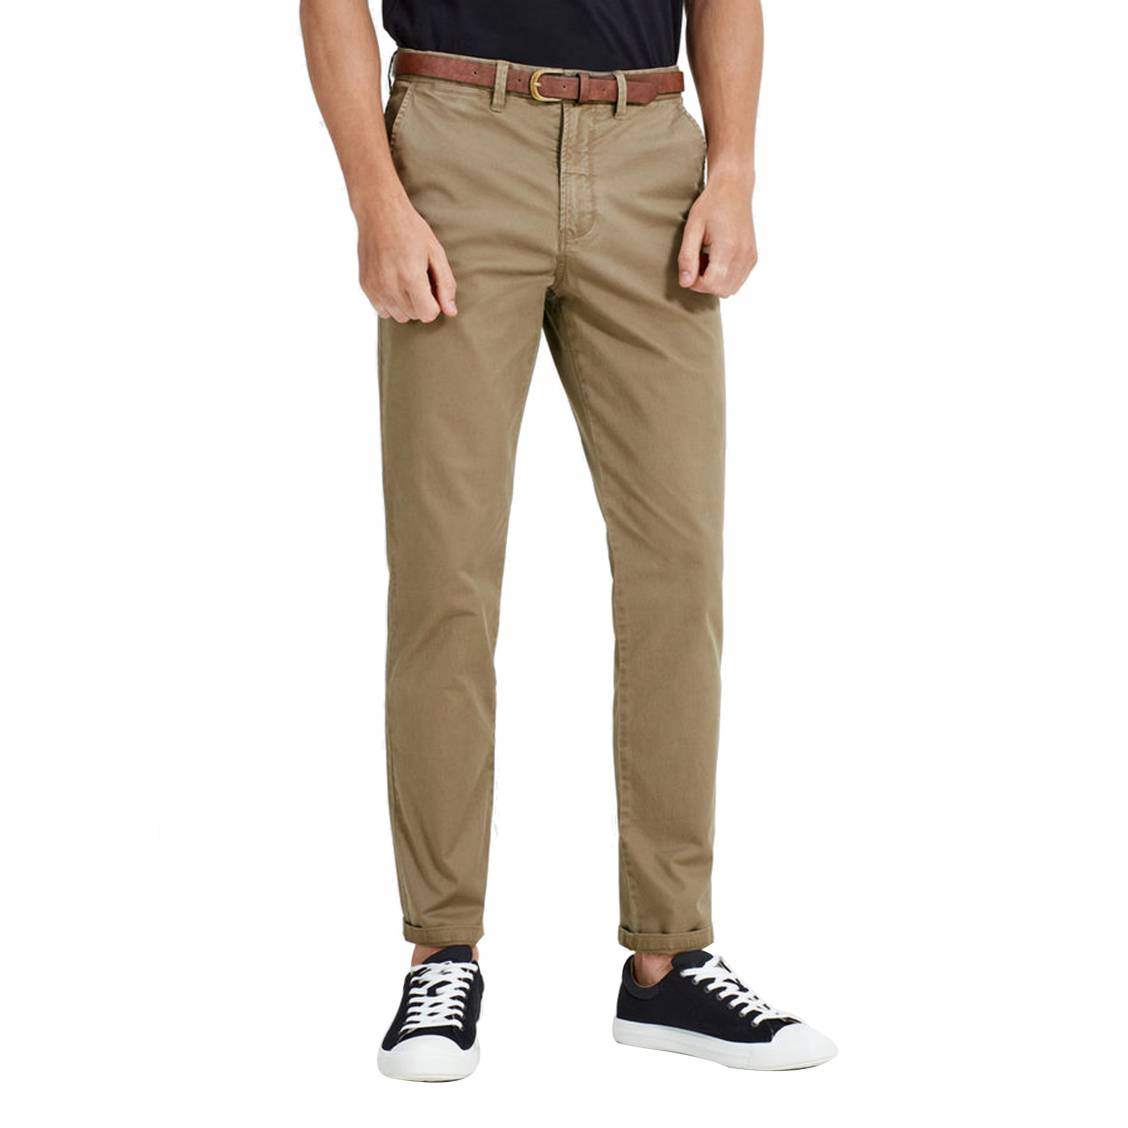 Pantalon Jack   Jones beige foncé avec ceinture marron   Rue Des Hommes 38ff2f9f7127